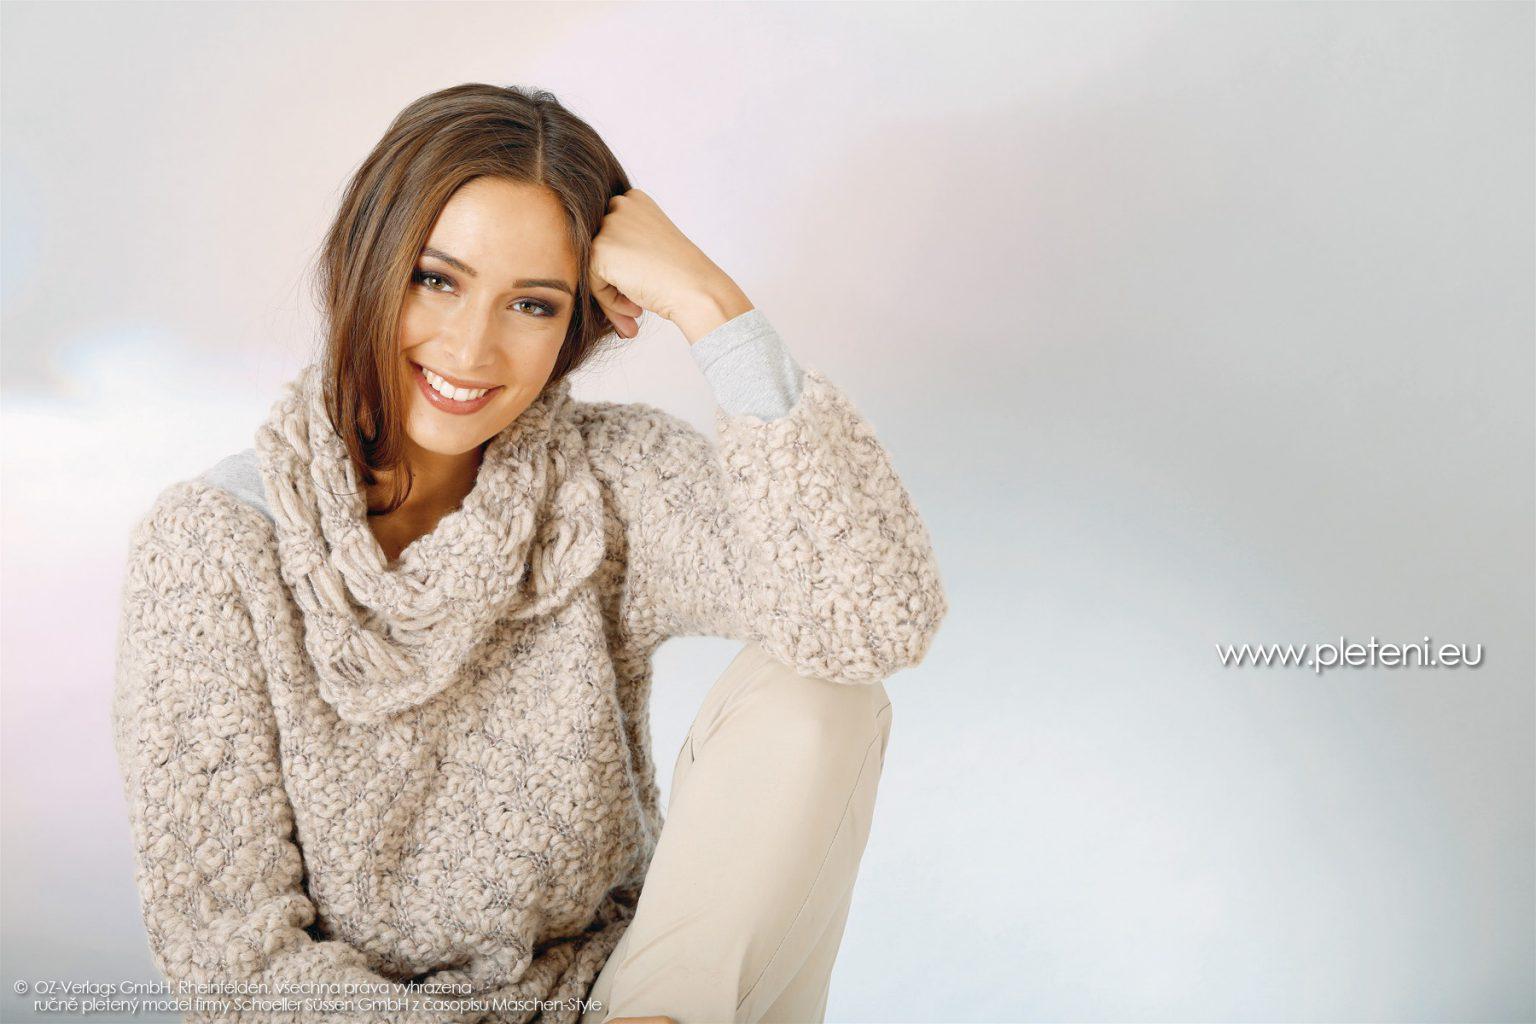 44f9849458e 2018-Z-09 dámský pletený svetr a nákrčník z příze Big Flame z kolekce ručně  pletených oděvů firmy Schoeller podzim-zima 2018-2019